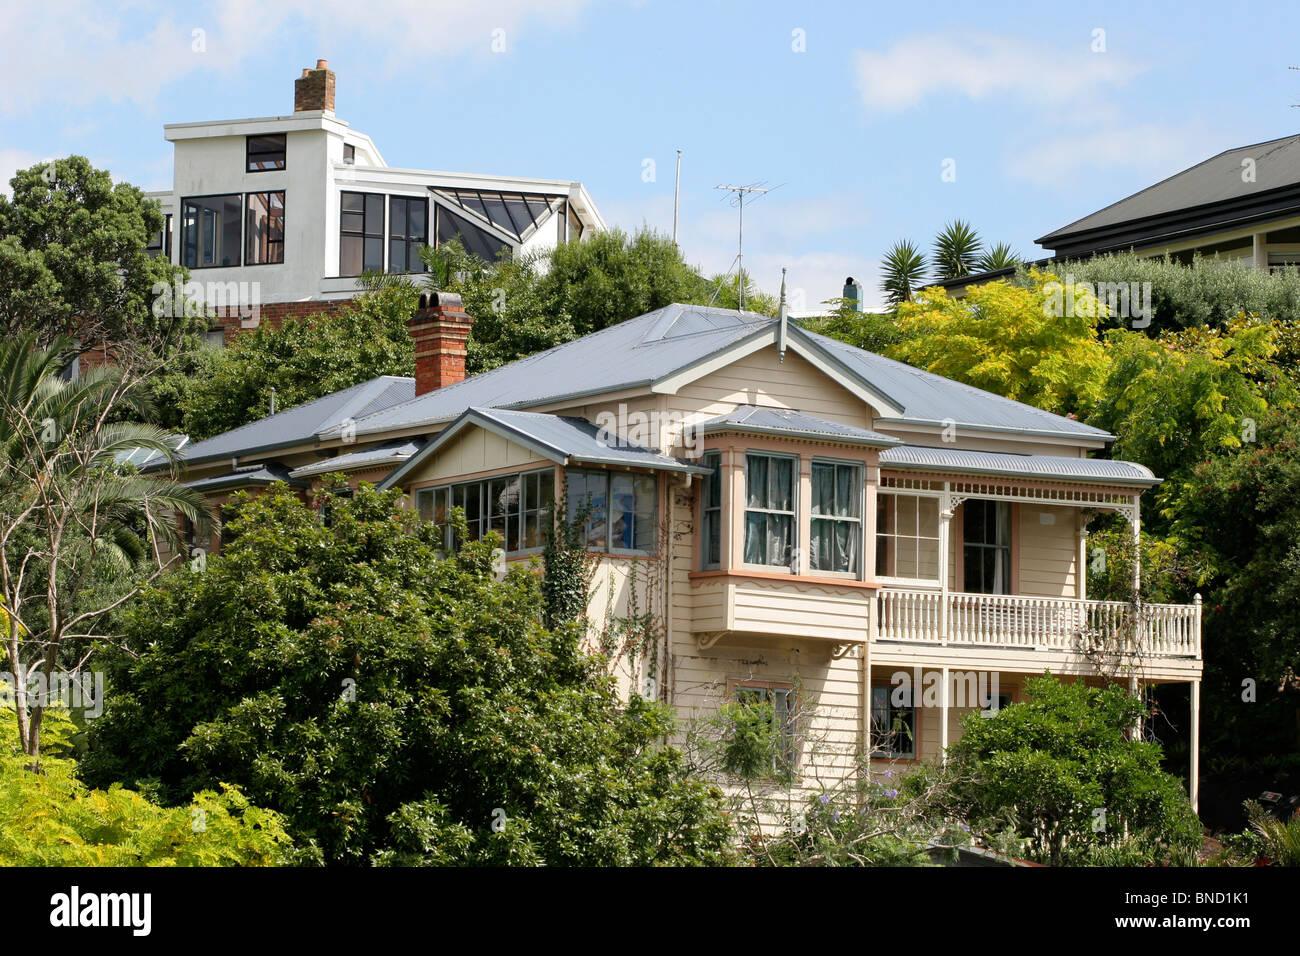 DEVONPORT fuera de Auckland, Nueva Zelanda 2010 con un familiar en casas modernas y de estilo Victoriano Imagen De Stock